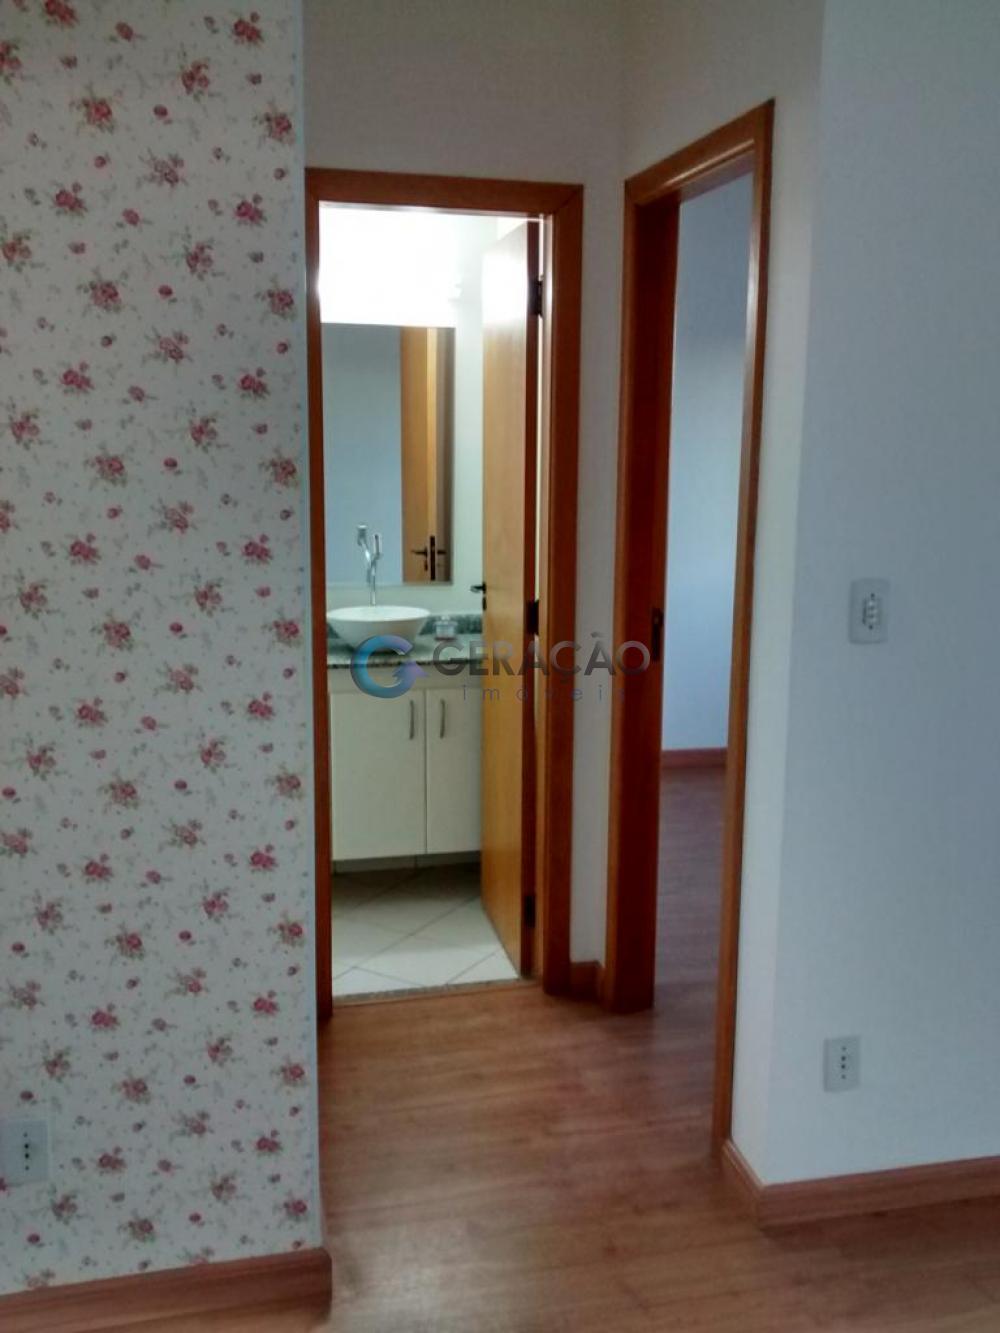 Comprar Apartamento / Padrão em São José dos Campos apenas R$ 275.000,00 - Foto 5